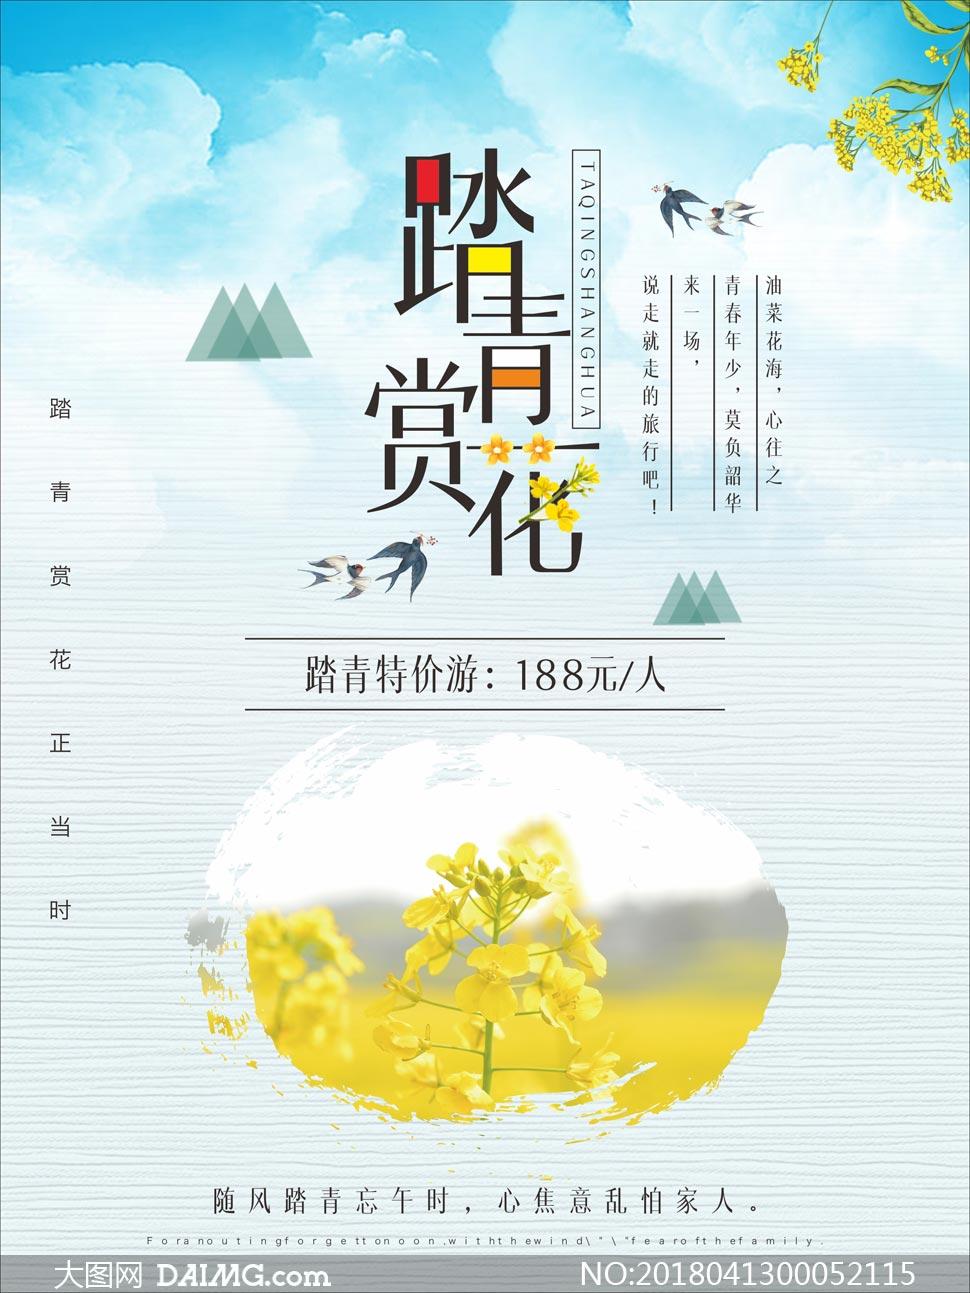 春季踏青旅游促销海报矢量素材